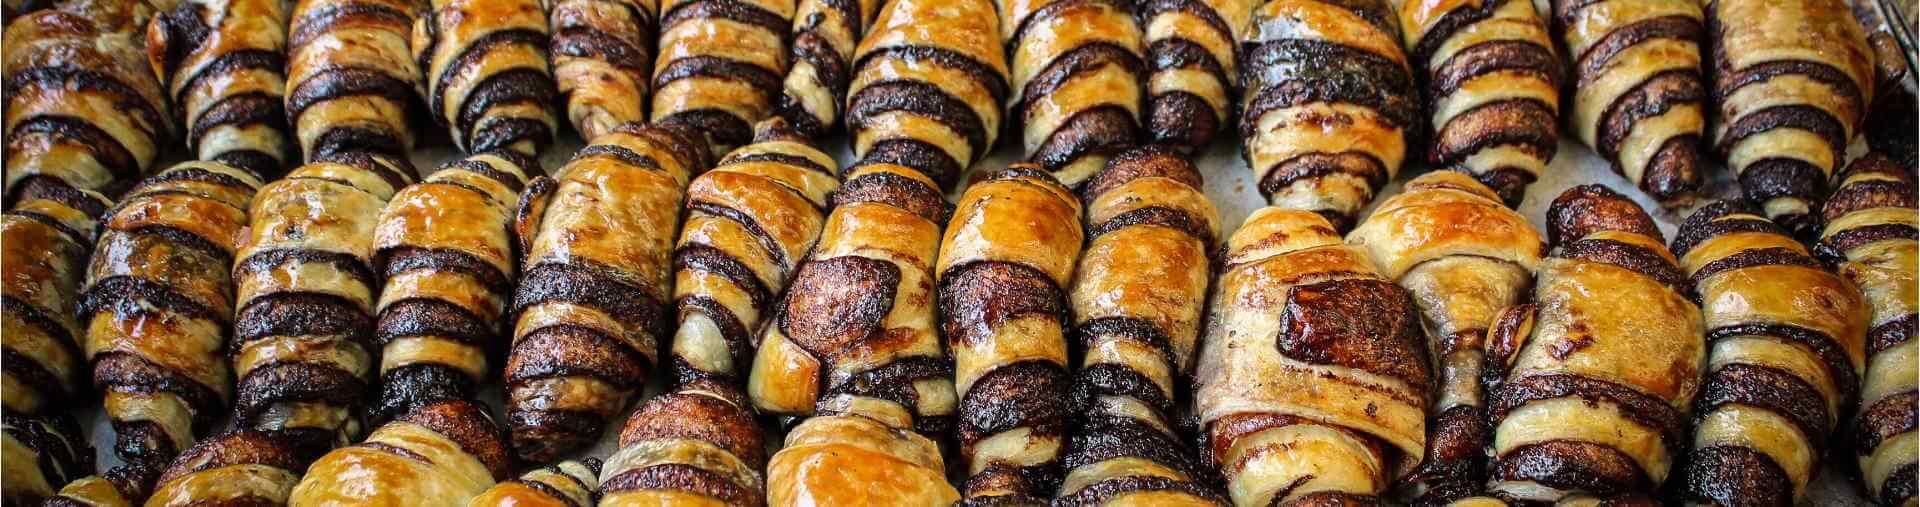 Mahane Yehuda bakery